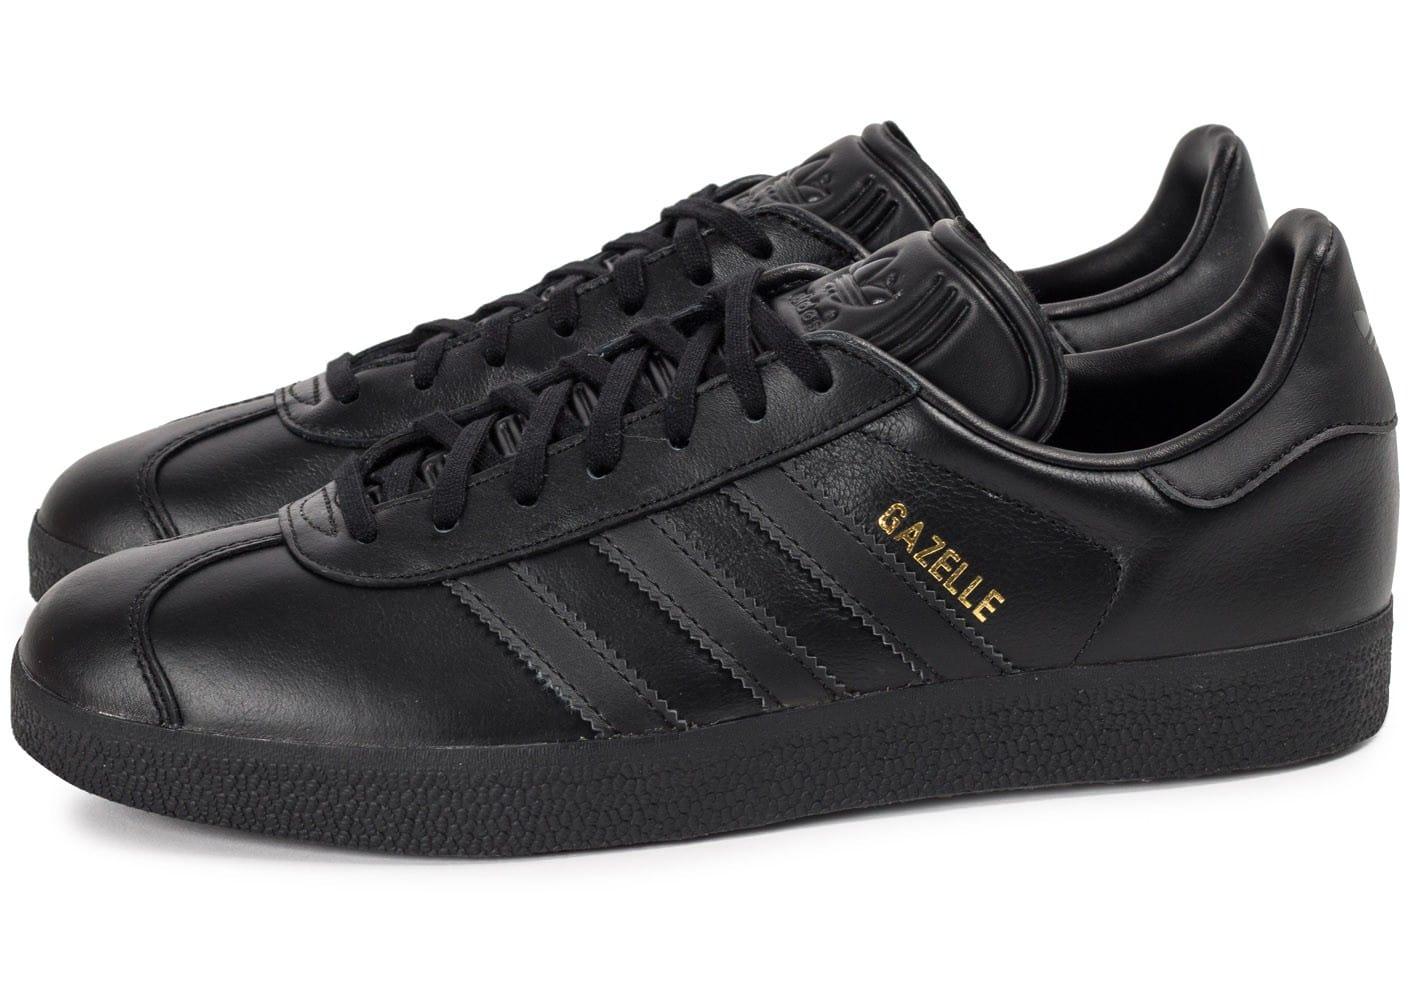 sneaker adidas cuir homme